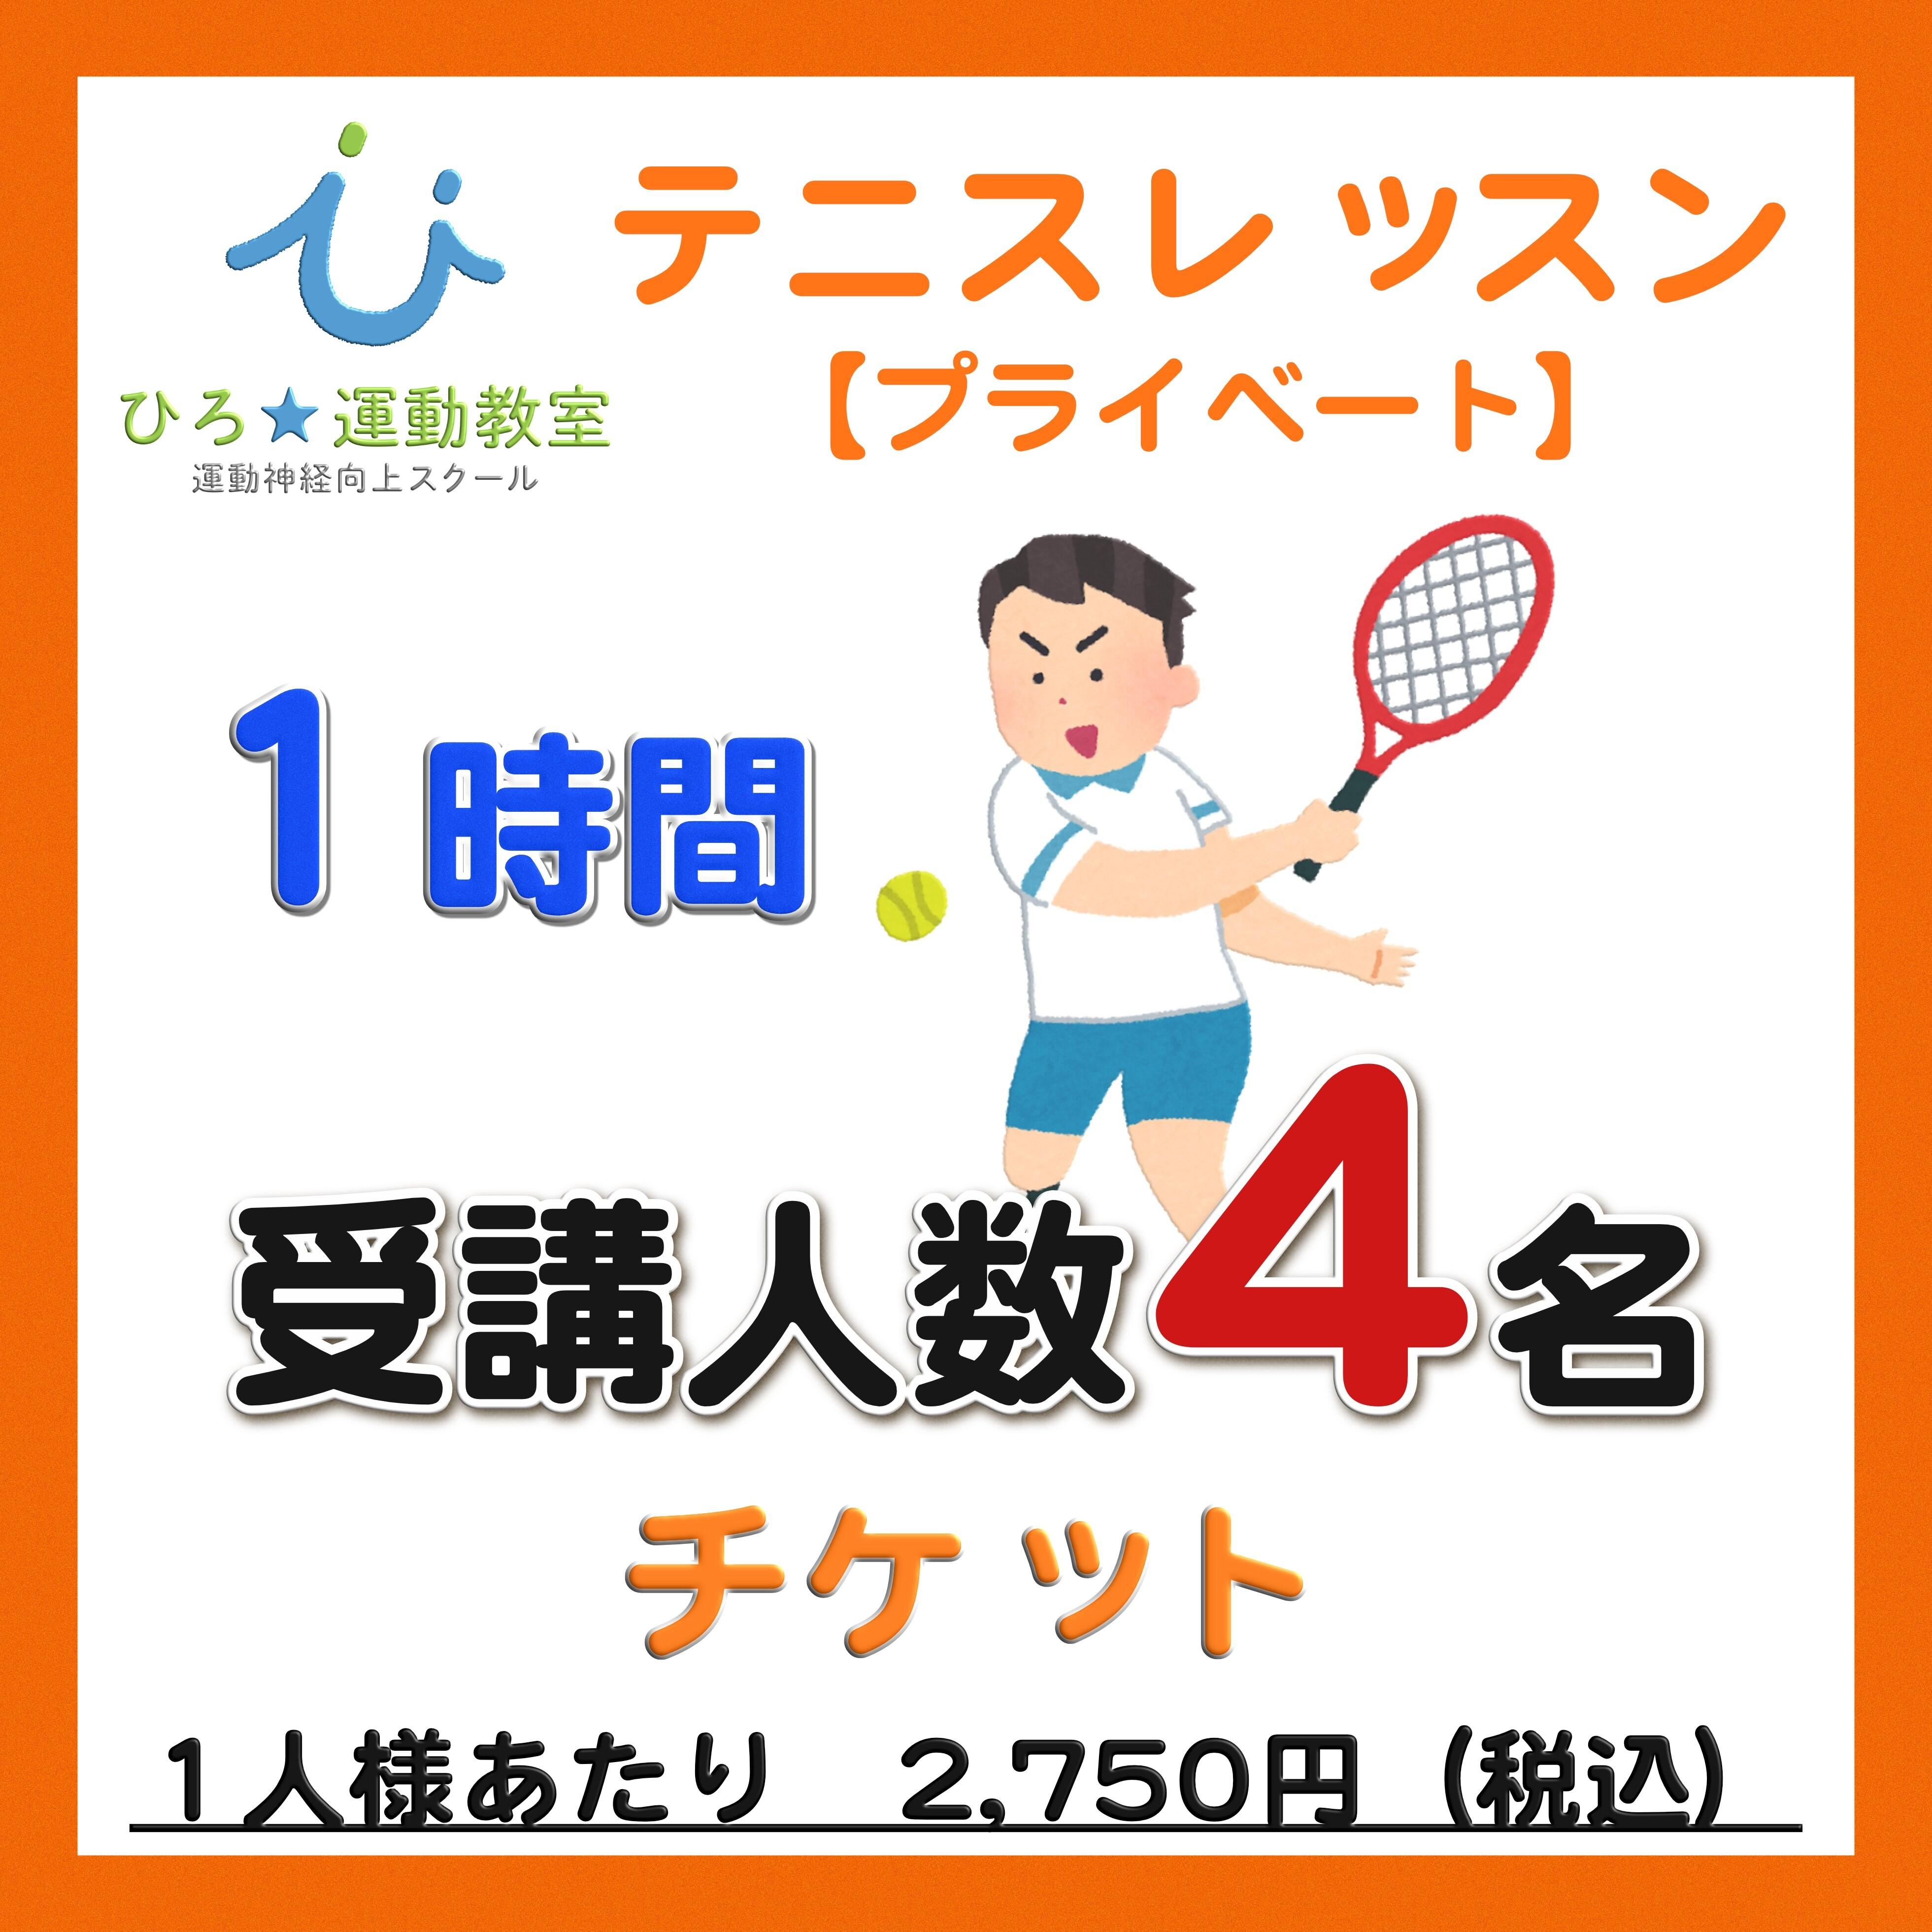 【テニスレッスン】1時間4名のイメージその1